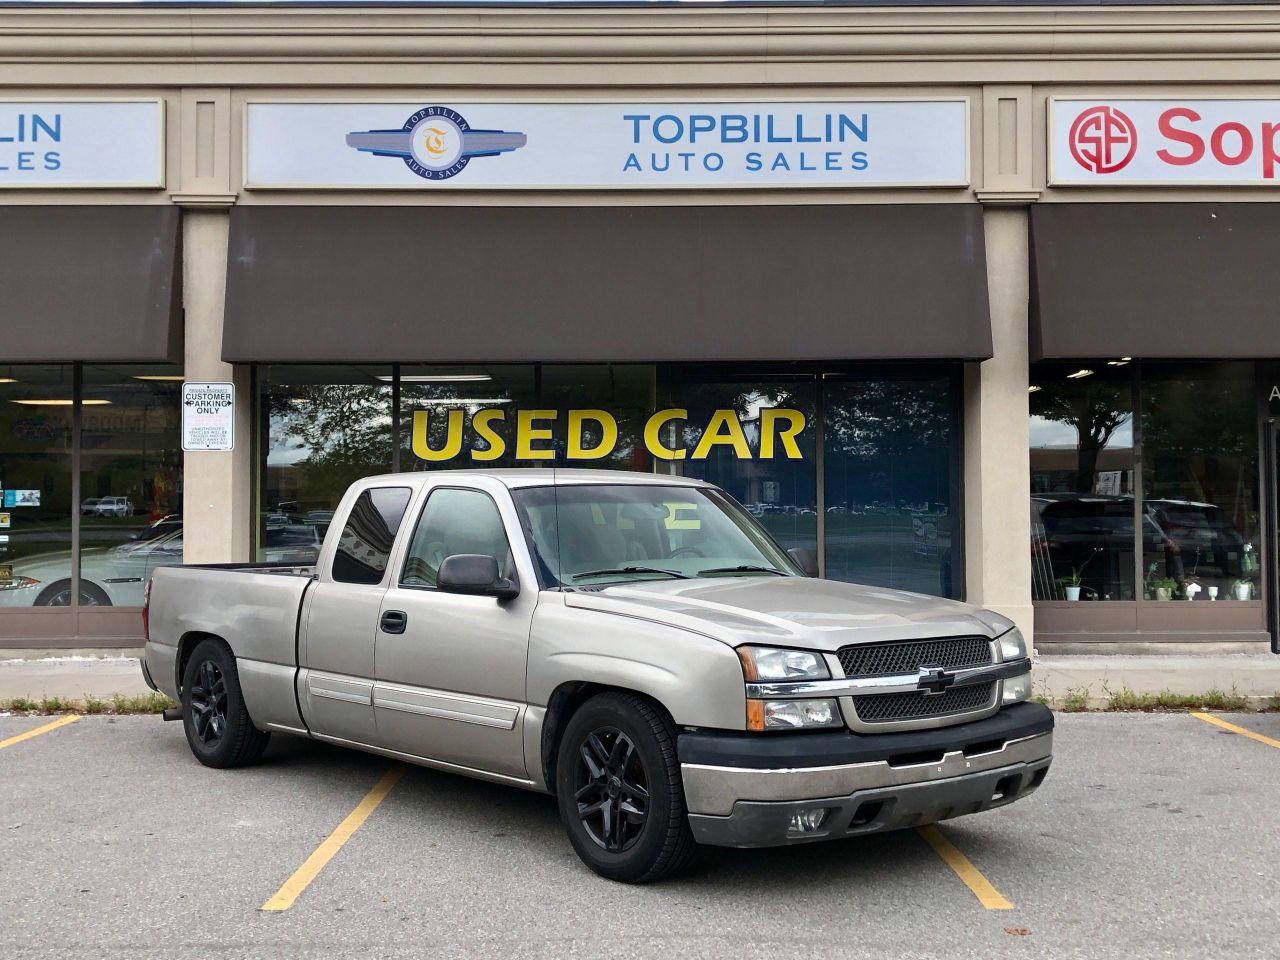 2003 Chevrolet Silverado 1500 LS 2 Years Warranty